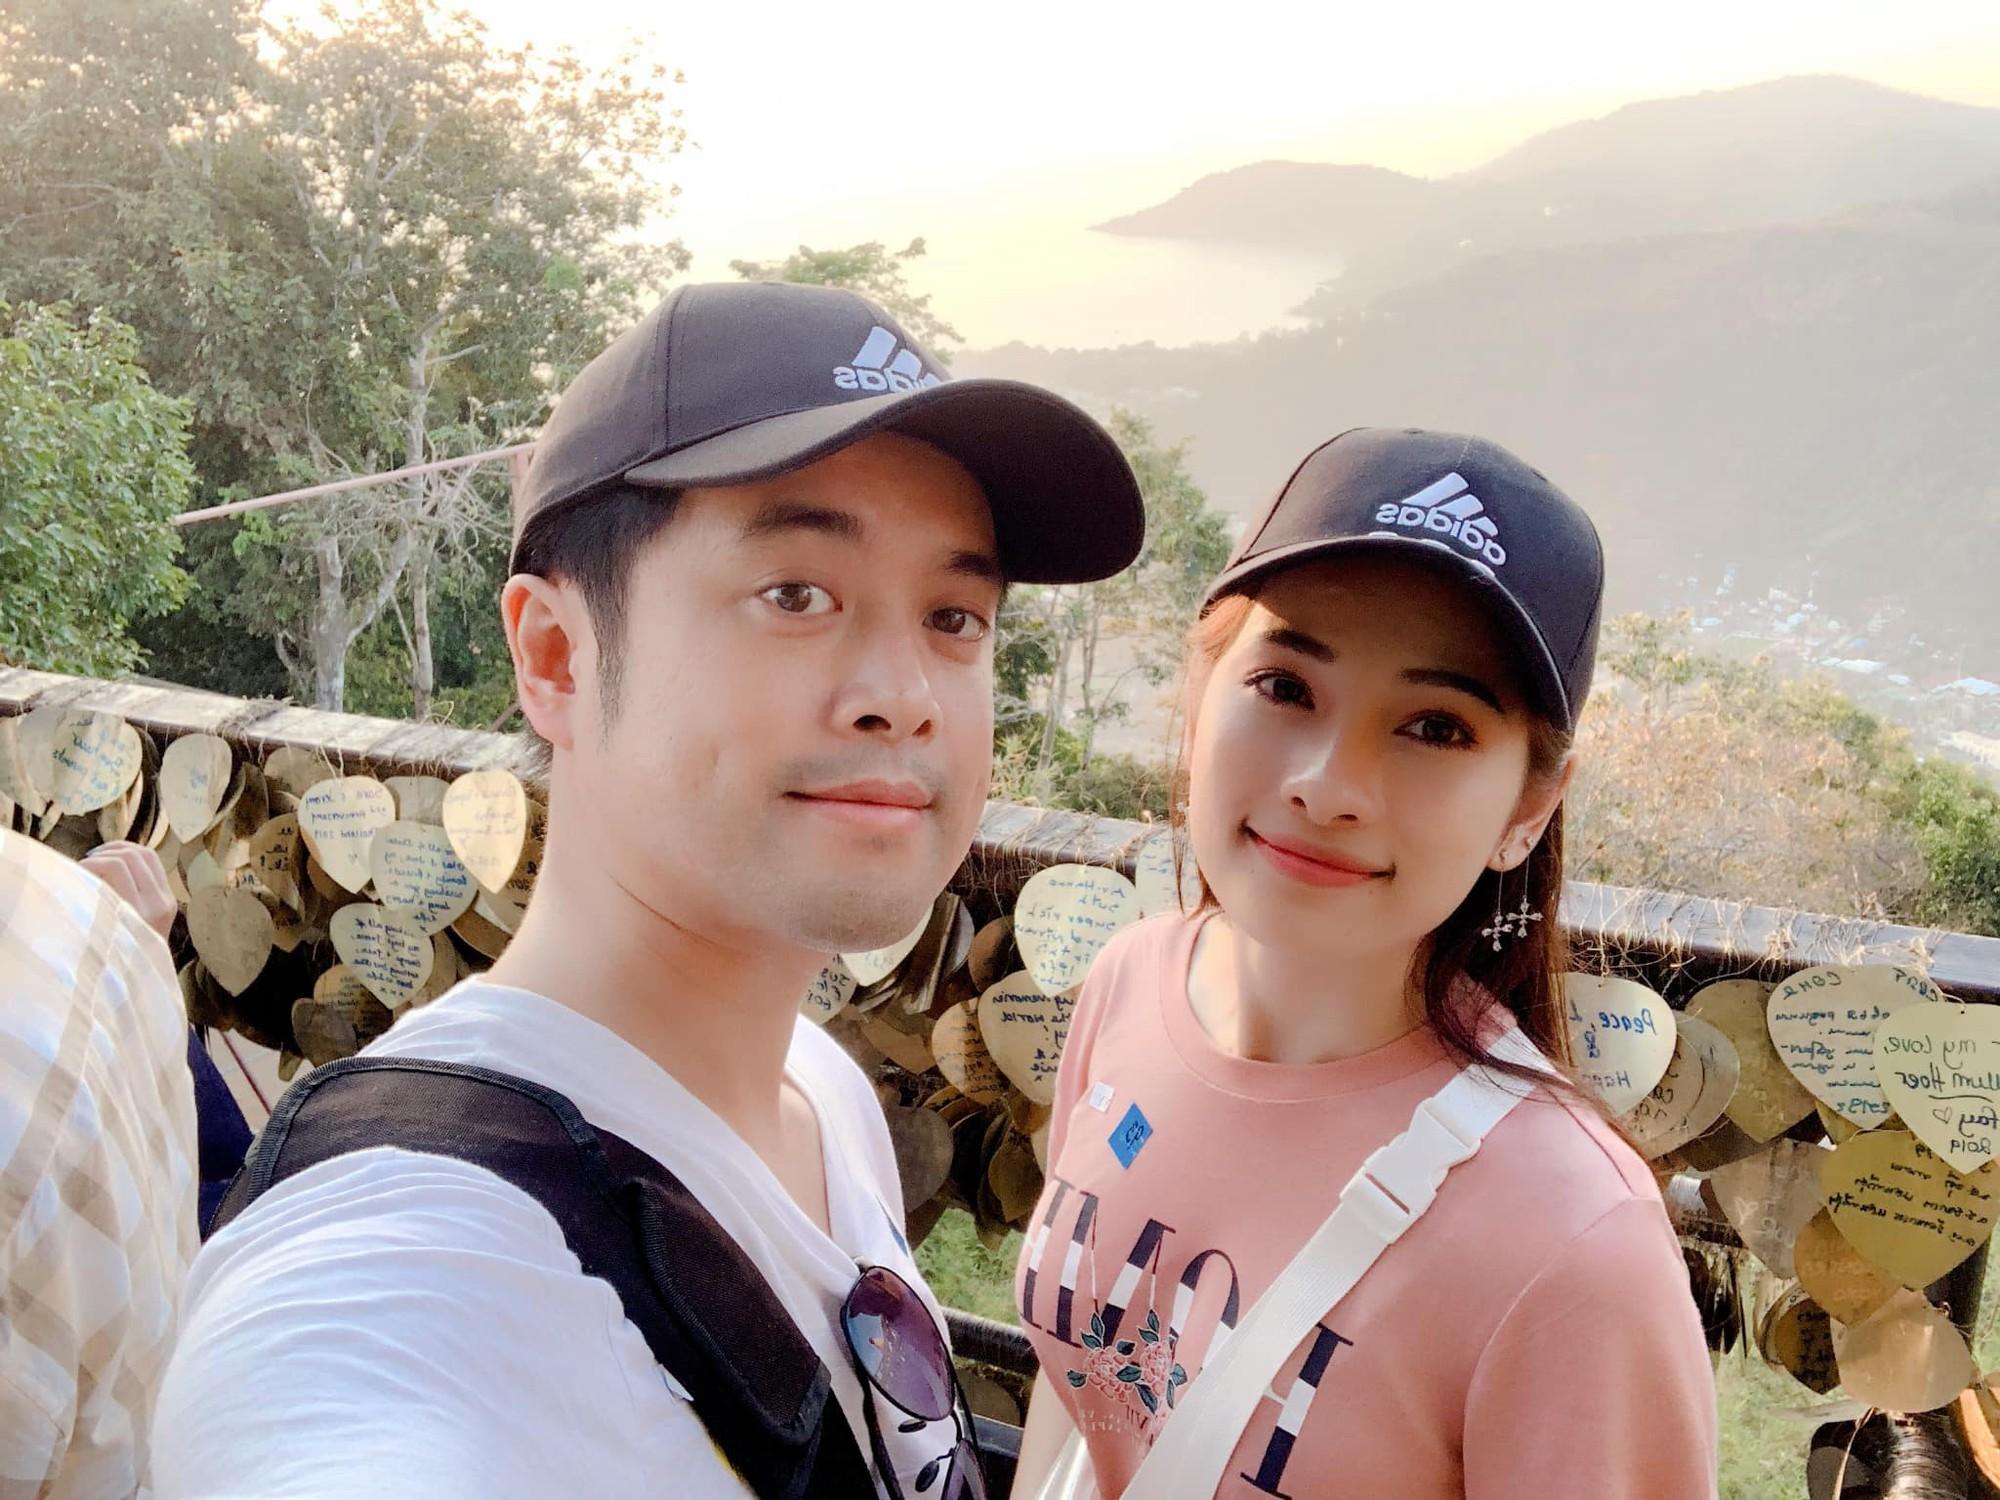 Bạn gái Dương Khắc Linh đưa cả hội bạn thân đi du lịch, tổ chức tiệc độc thân trước ngày cưới - Ảnh 6.